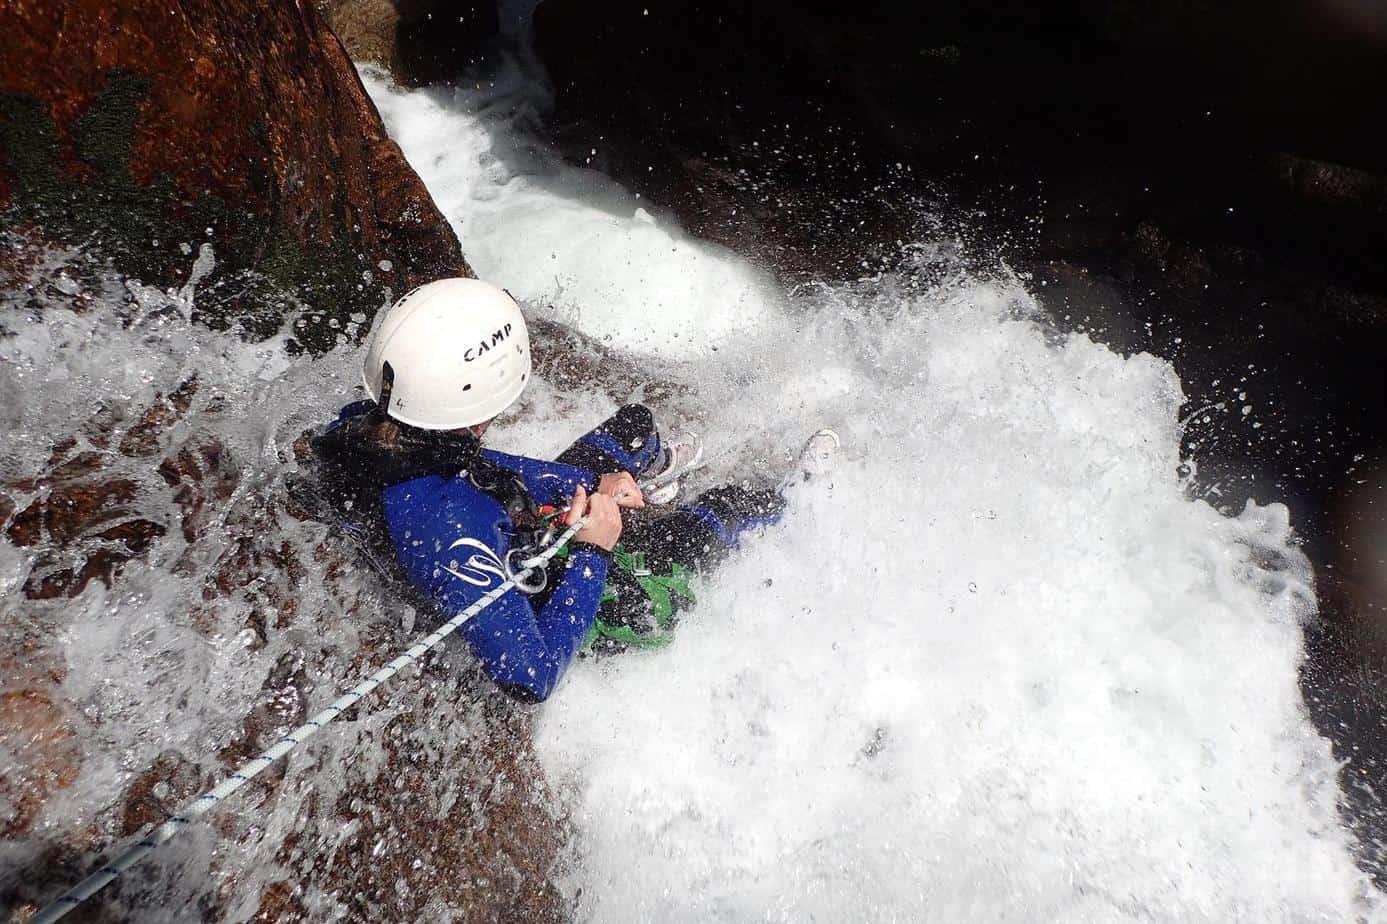 canyoning cévennes canyoning dans les cévennes canyoning cevennes millau aveyron lozere gorges du tarn gorges de la dourbie